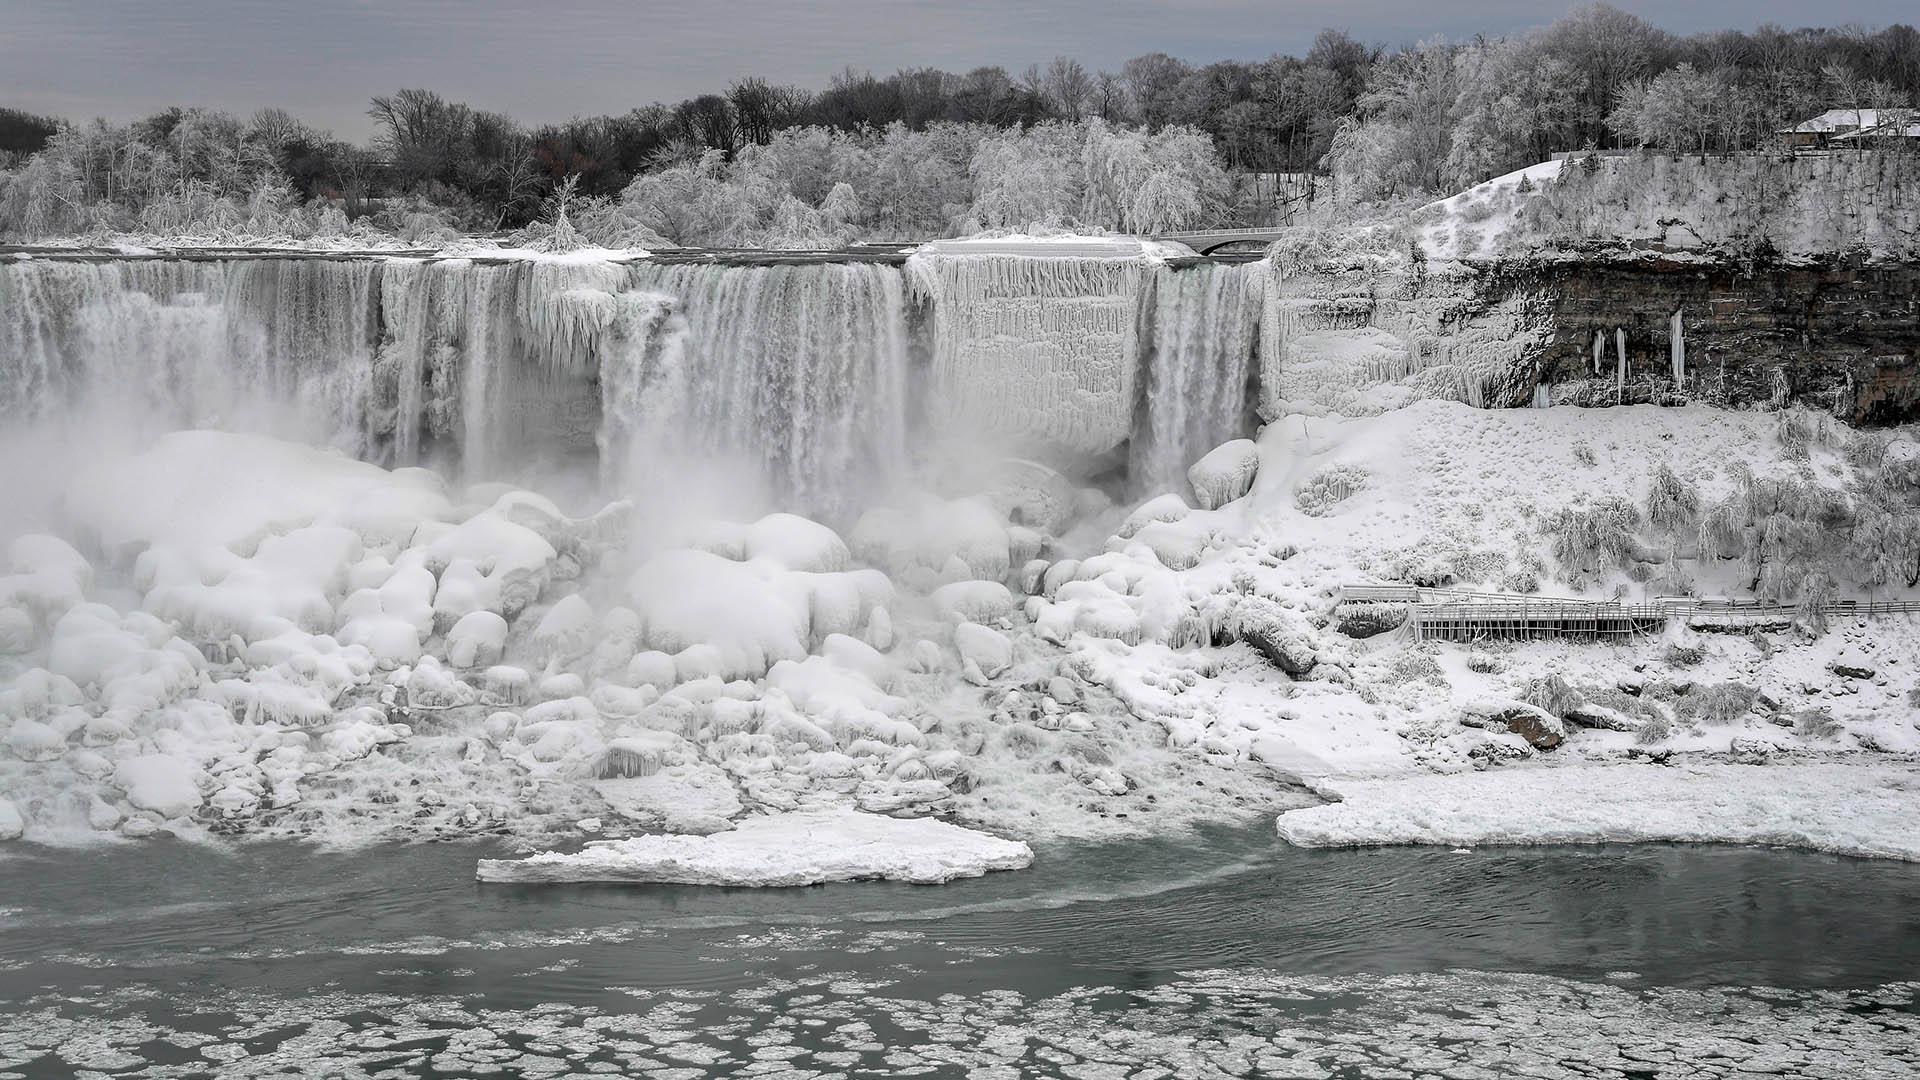 La temperatura en la zona ronda los -5º Celsius, con una sensación térmica aún menor (-11º) y ráfagas de hasta 33 kilómetros por hora